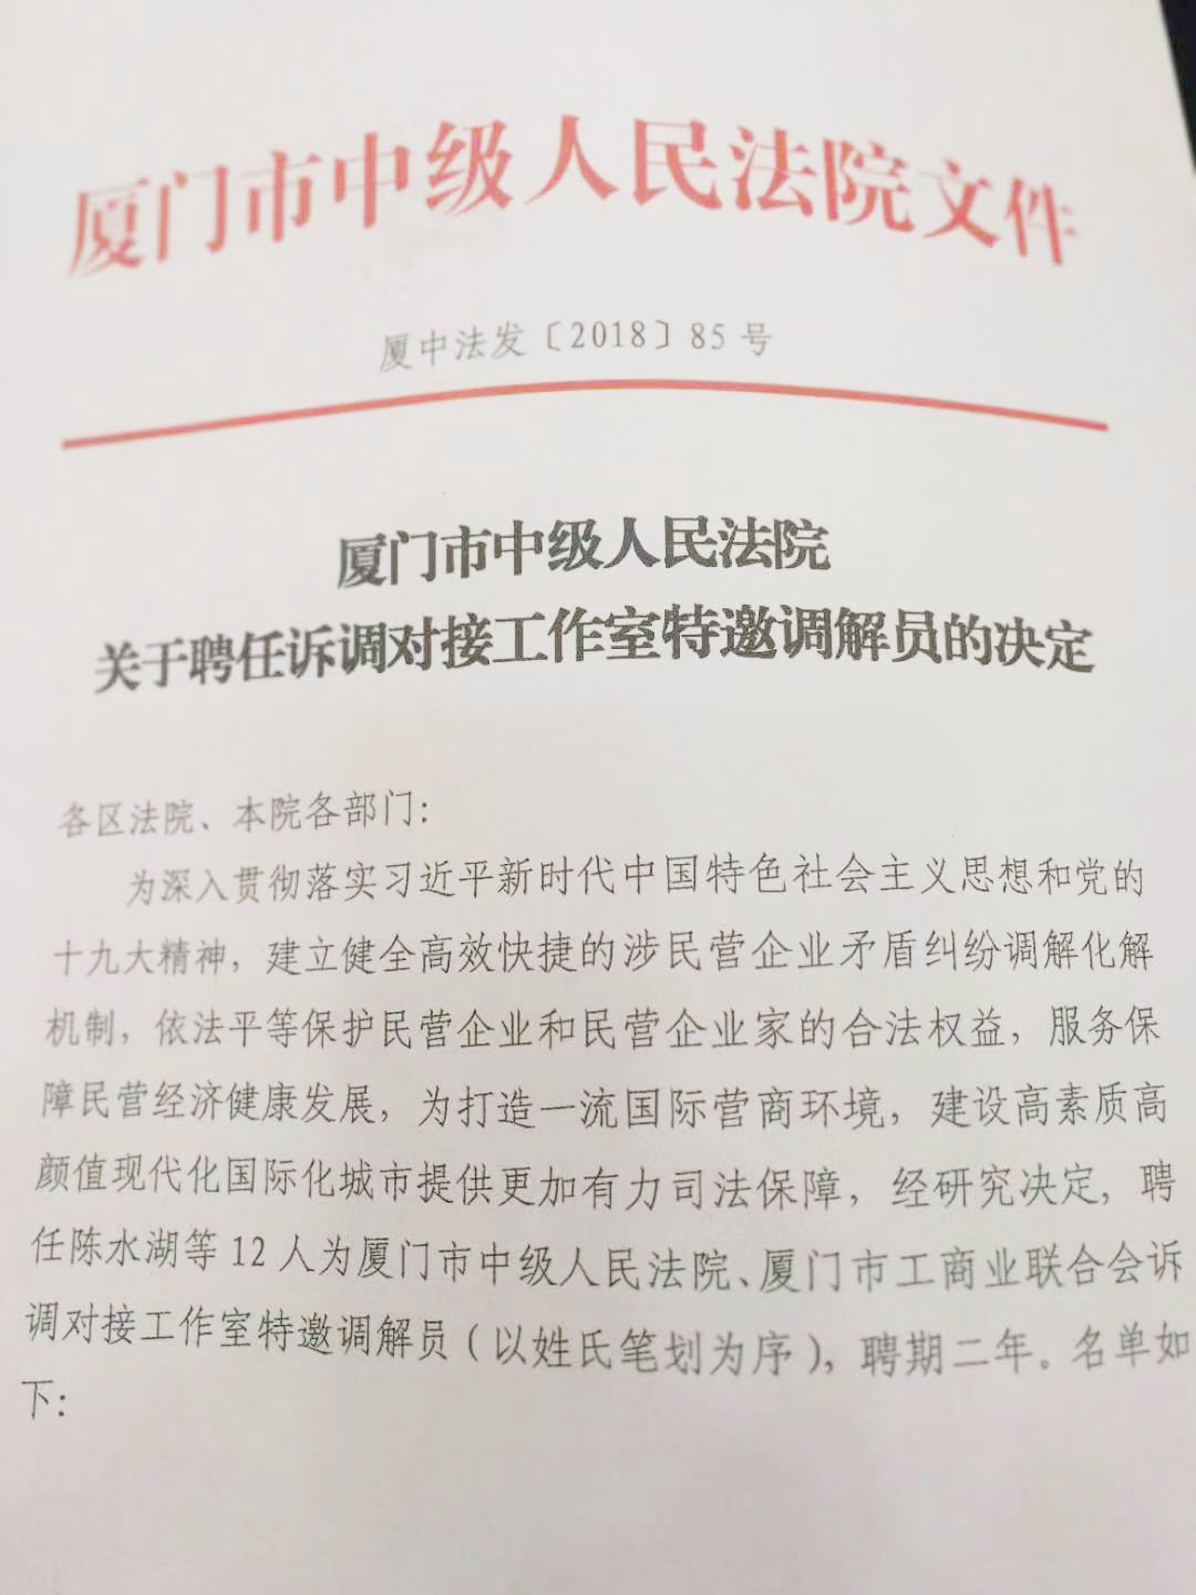 莱尔斯特董事长廖志南荣聘为厦门中院特邀调解员_图2